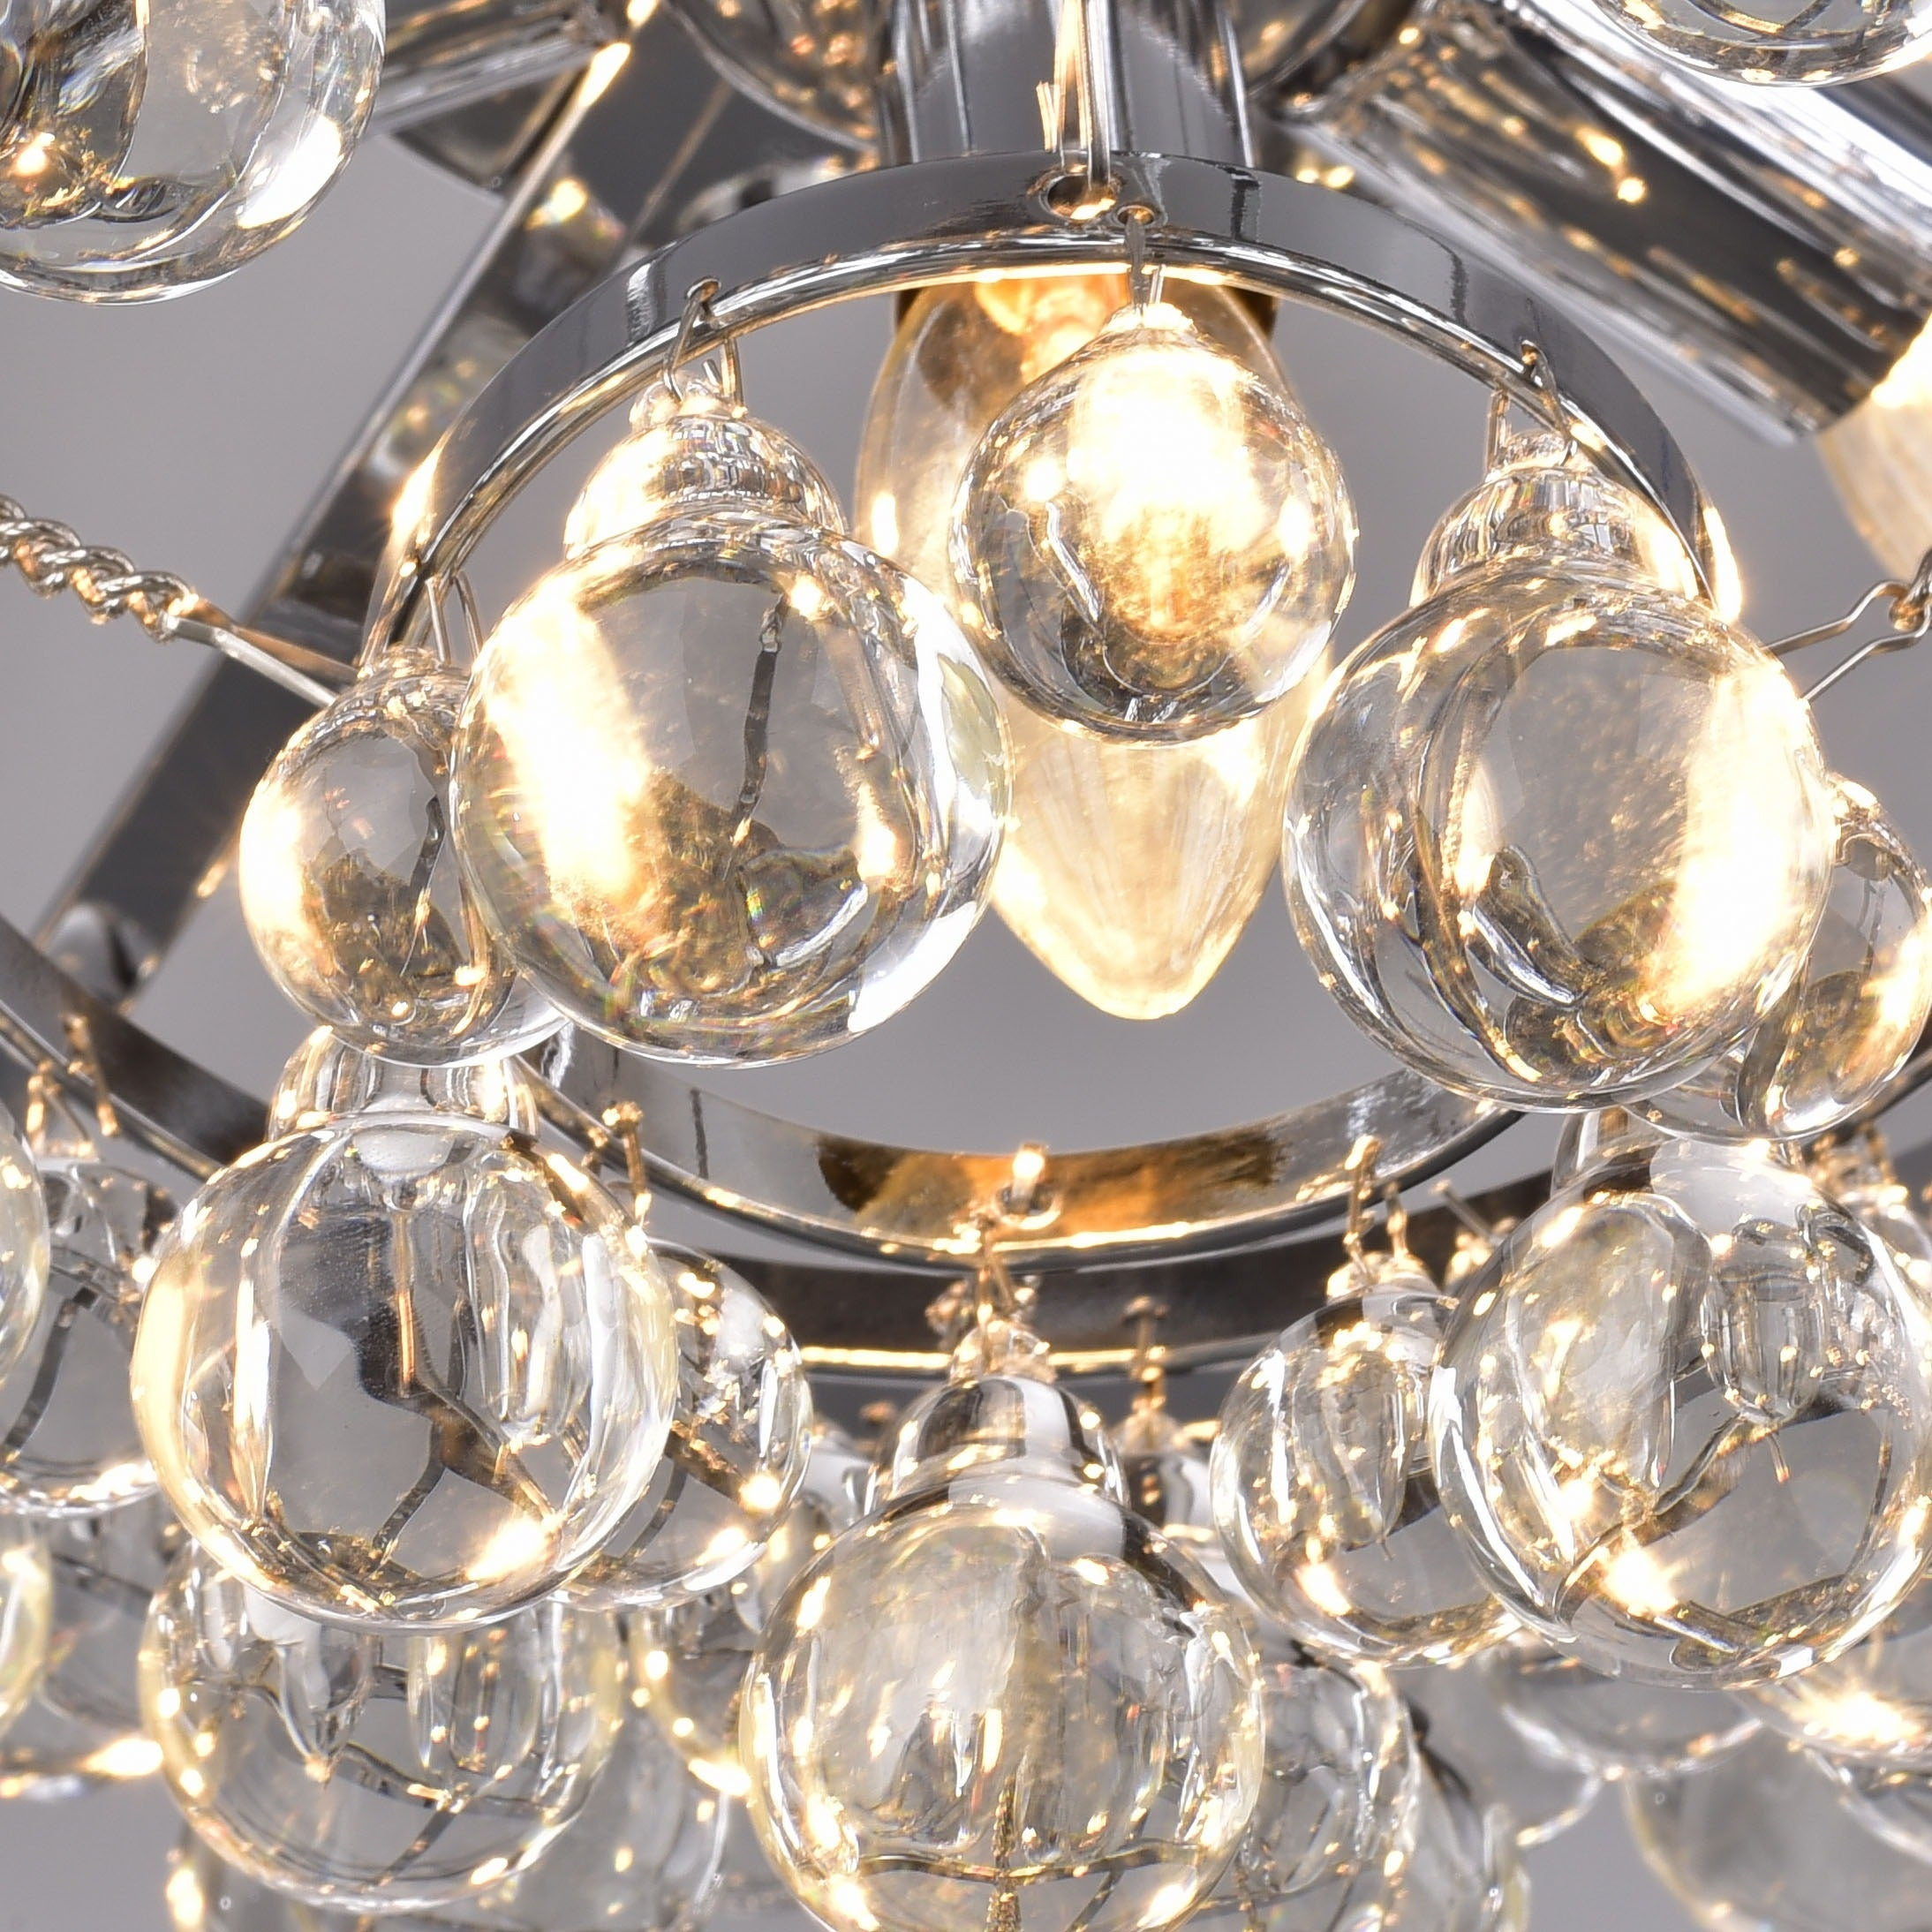 ceiling chandeliers regarding lights home light chandelier large flush decoration blog designing for wish mount